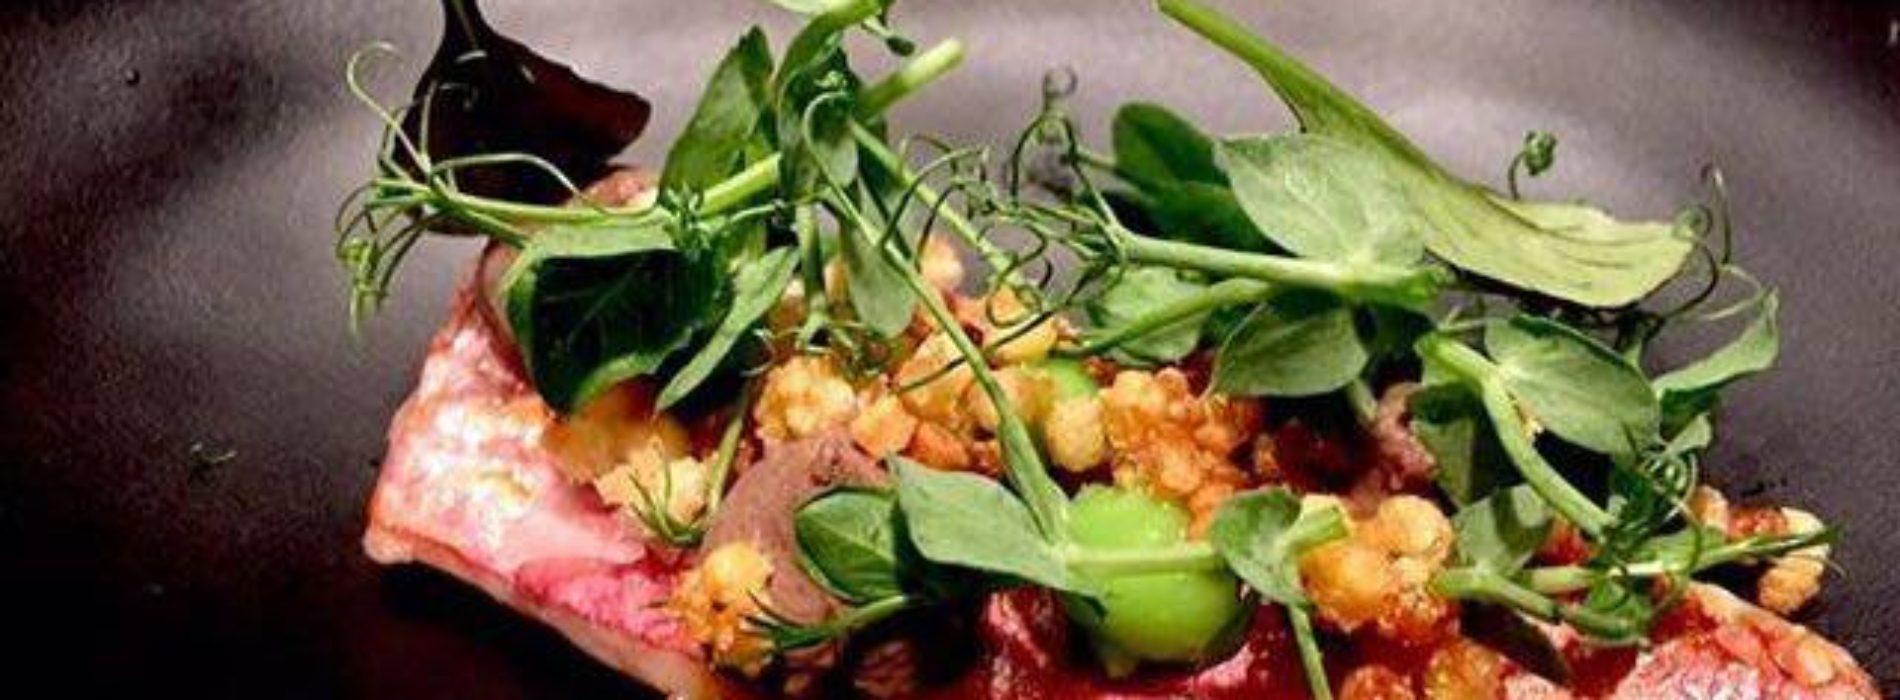 Pasqua e Pasquetta 2018 a Roma: i migliori ristoranti per il pranzo delle feste, menu e prezzi